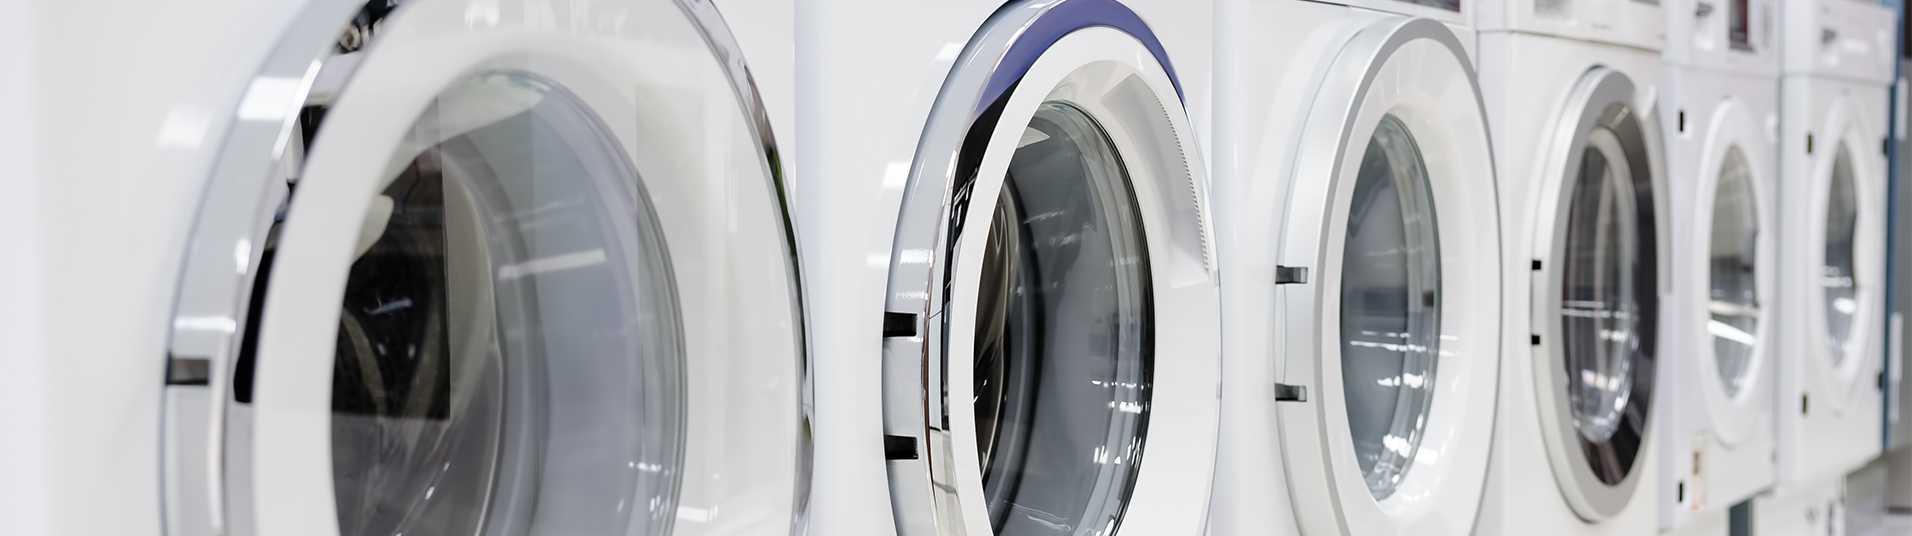 Graessle's Appliance Sales & Service image 5